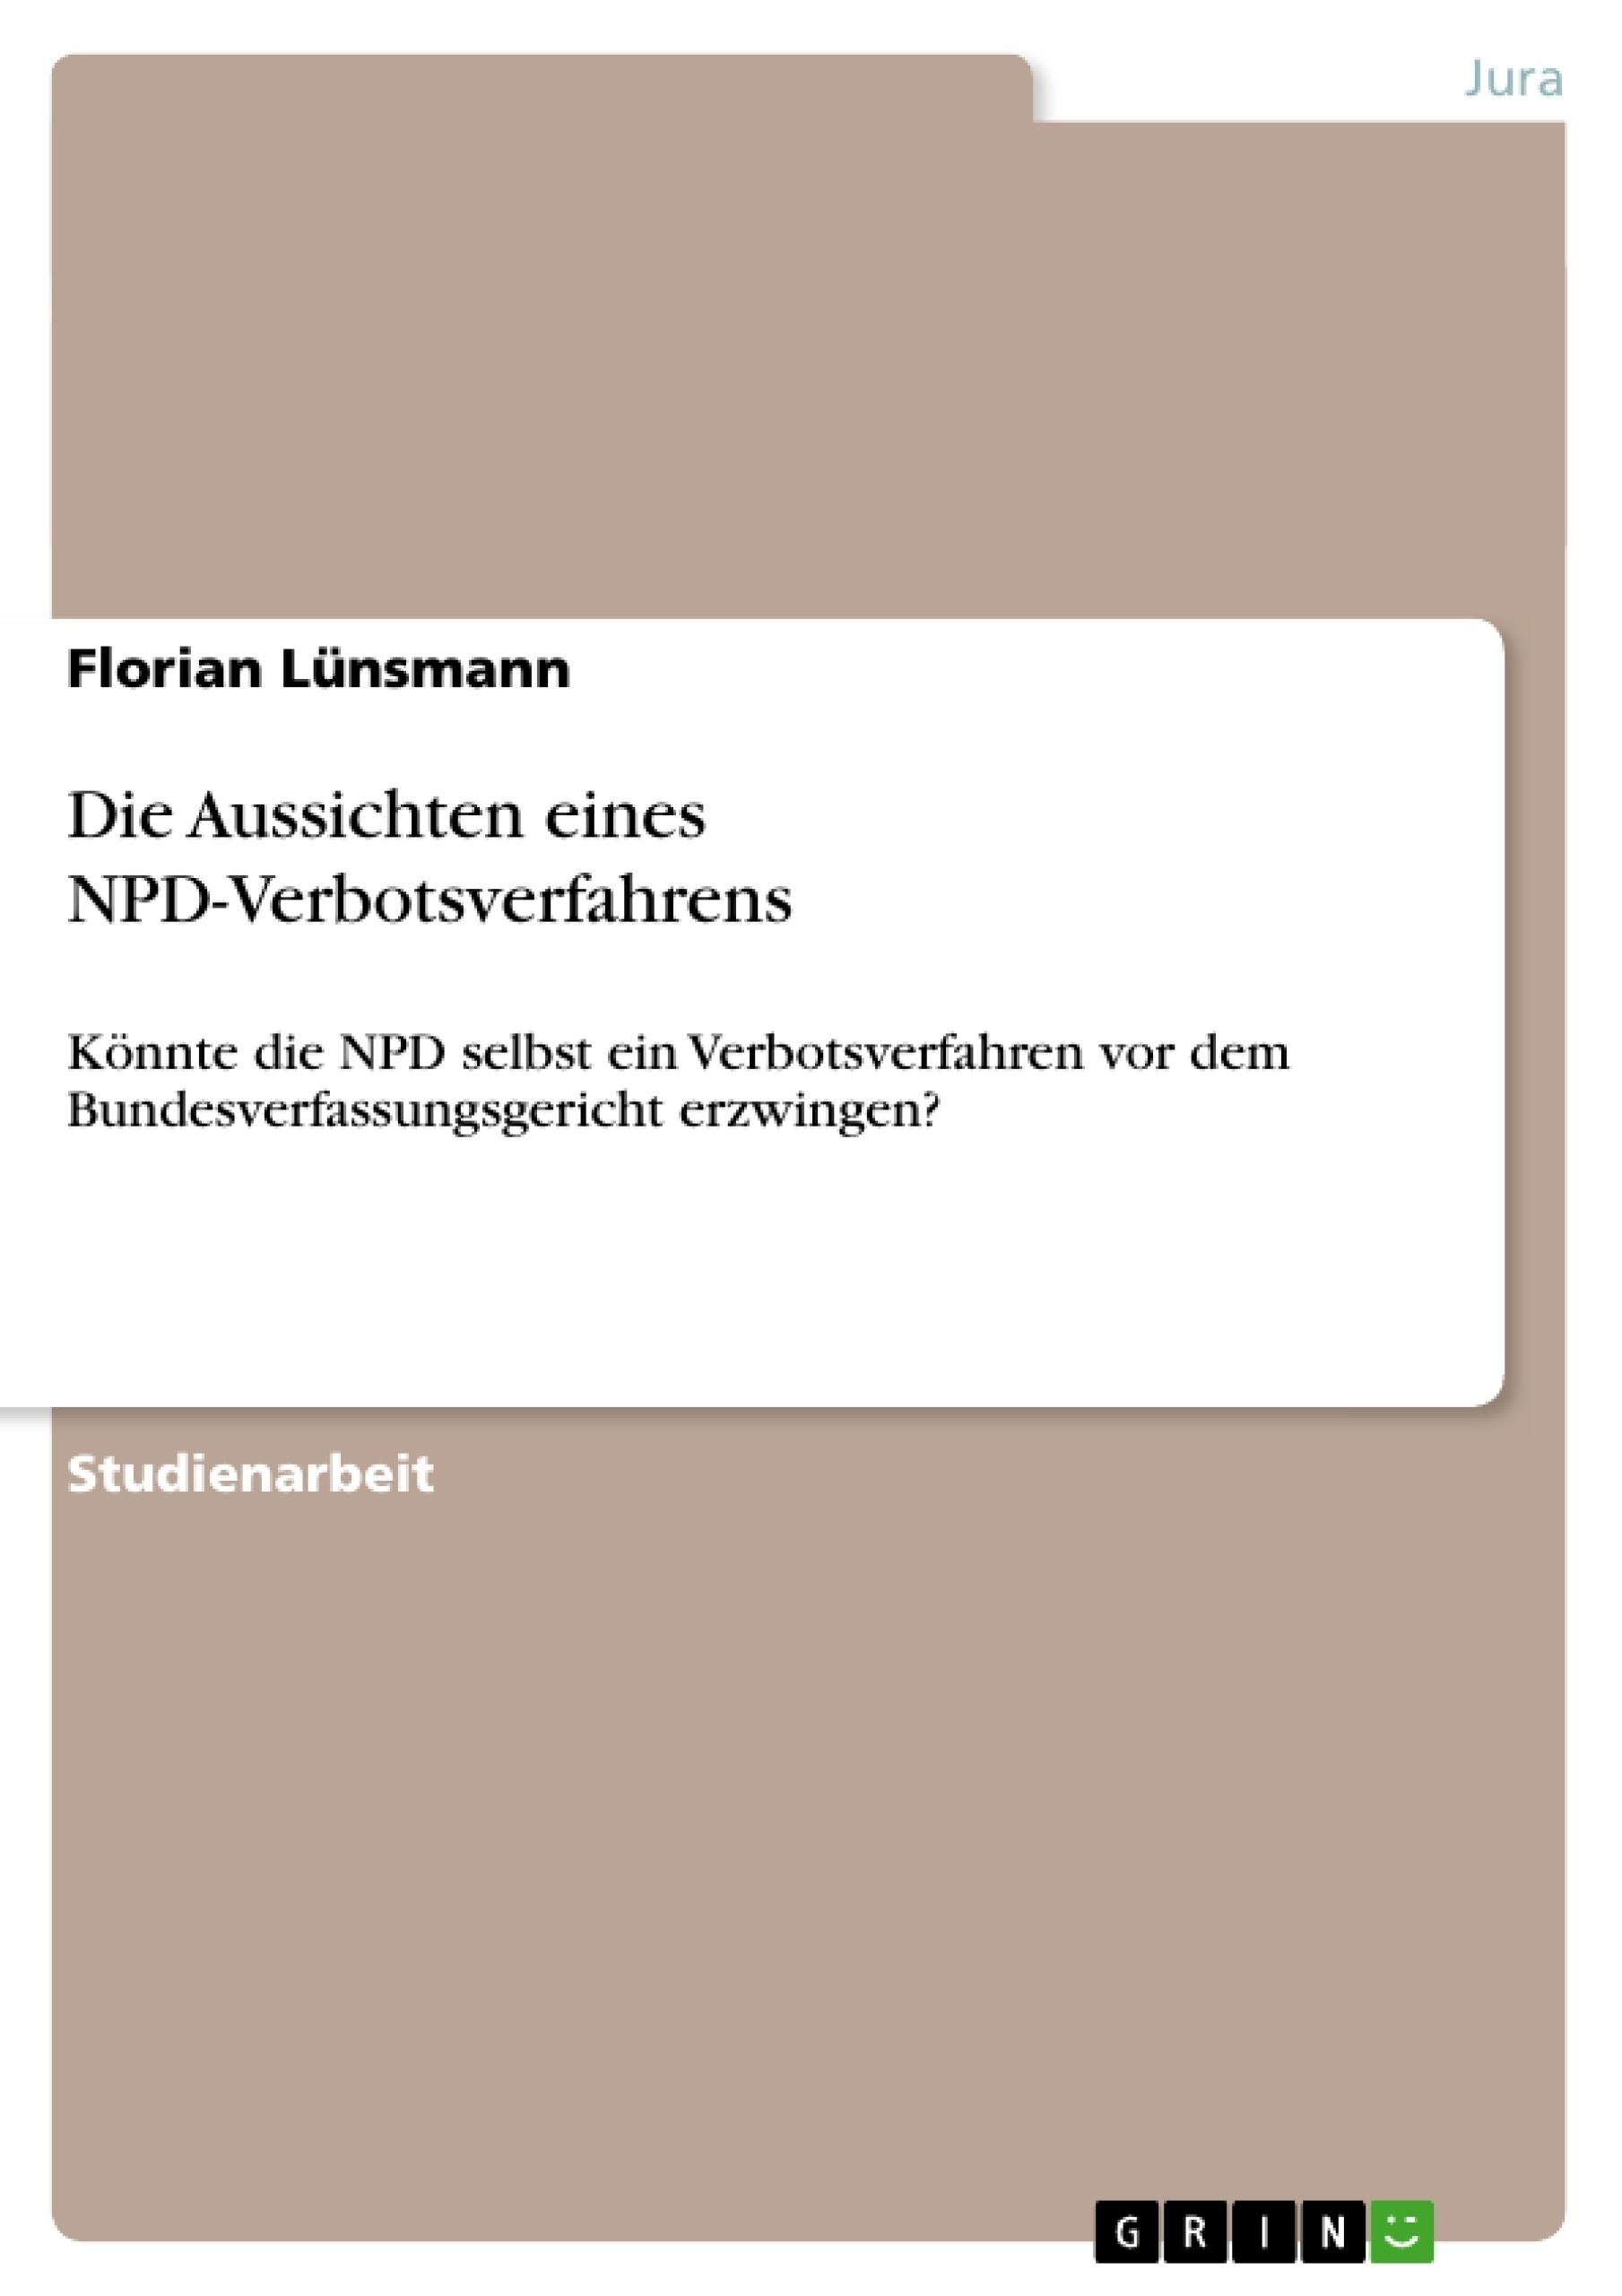 Titel: Die Aussichten eines NPD-Verbotsverfahrens